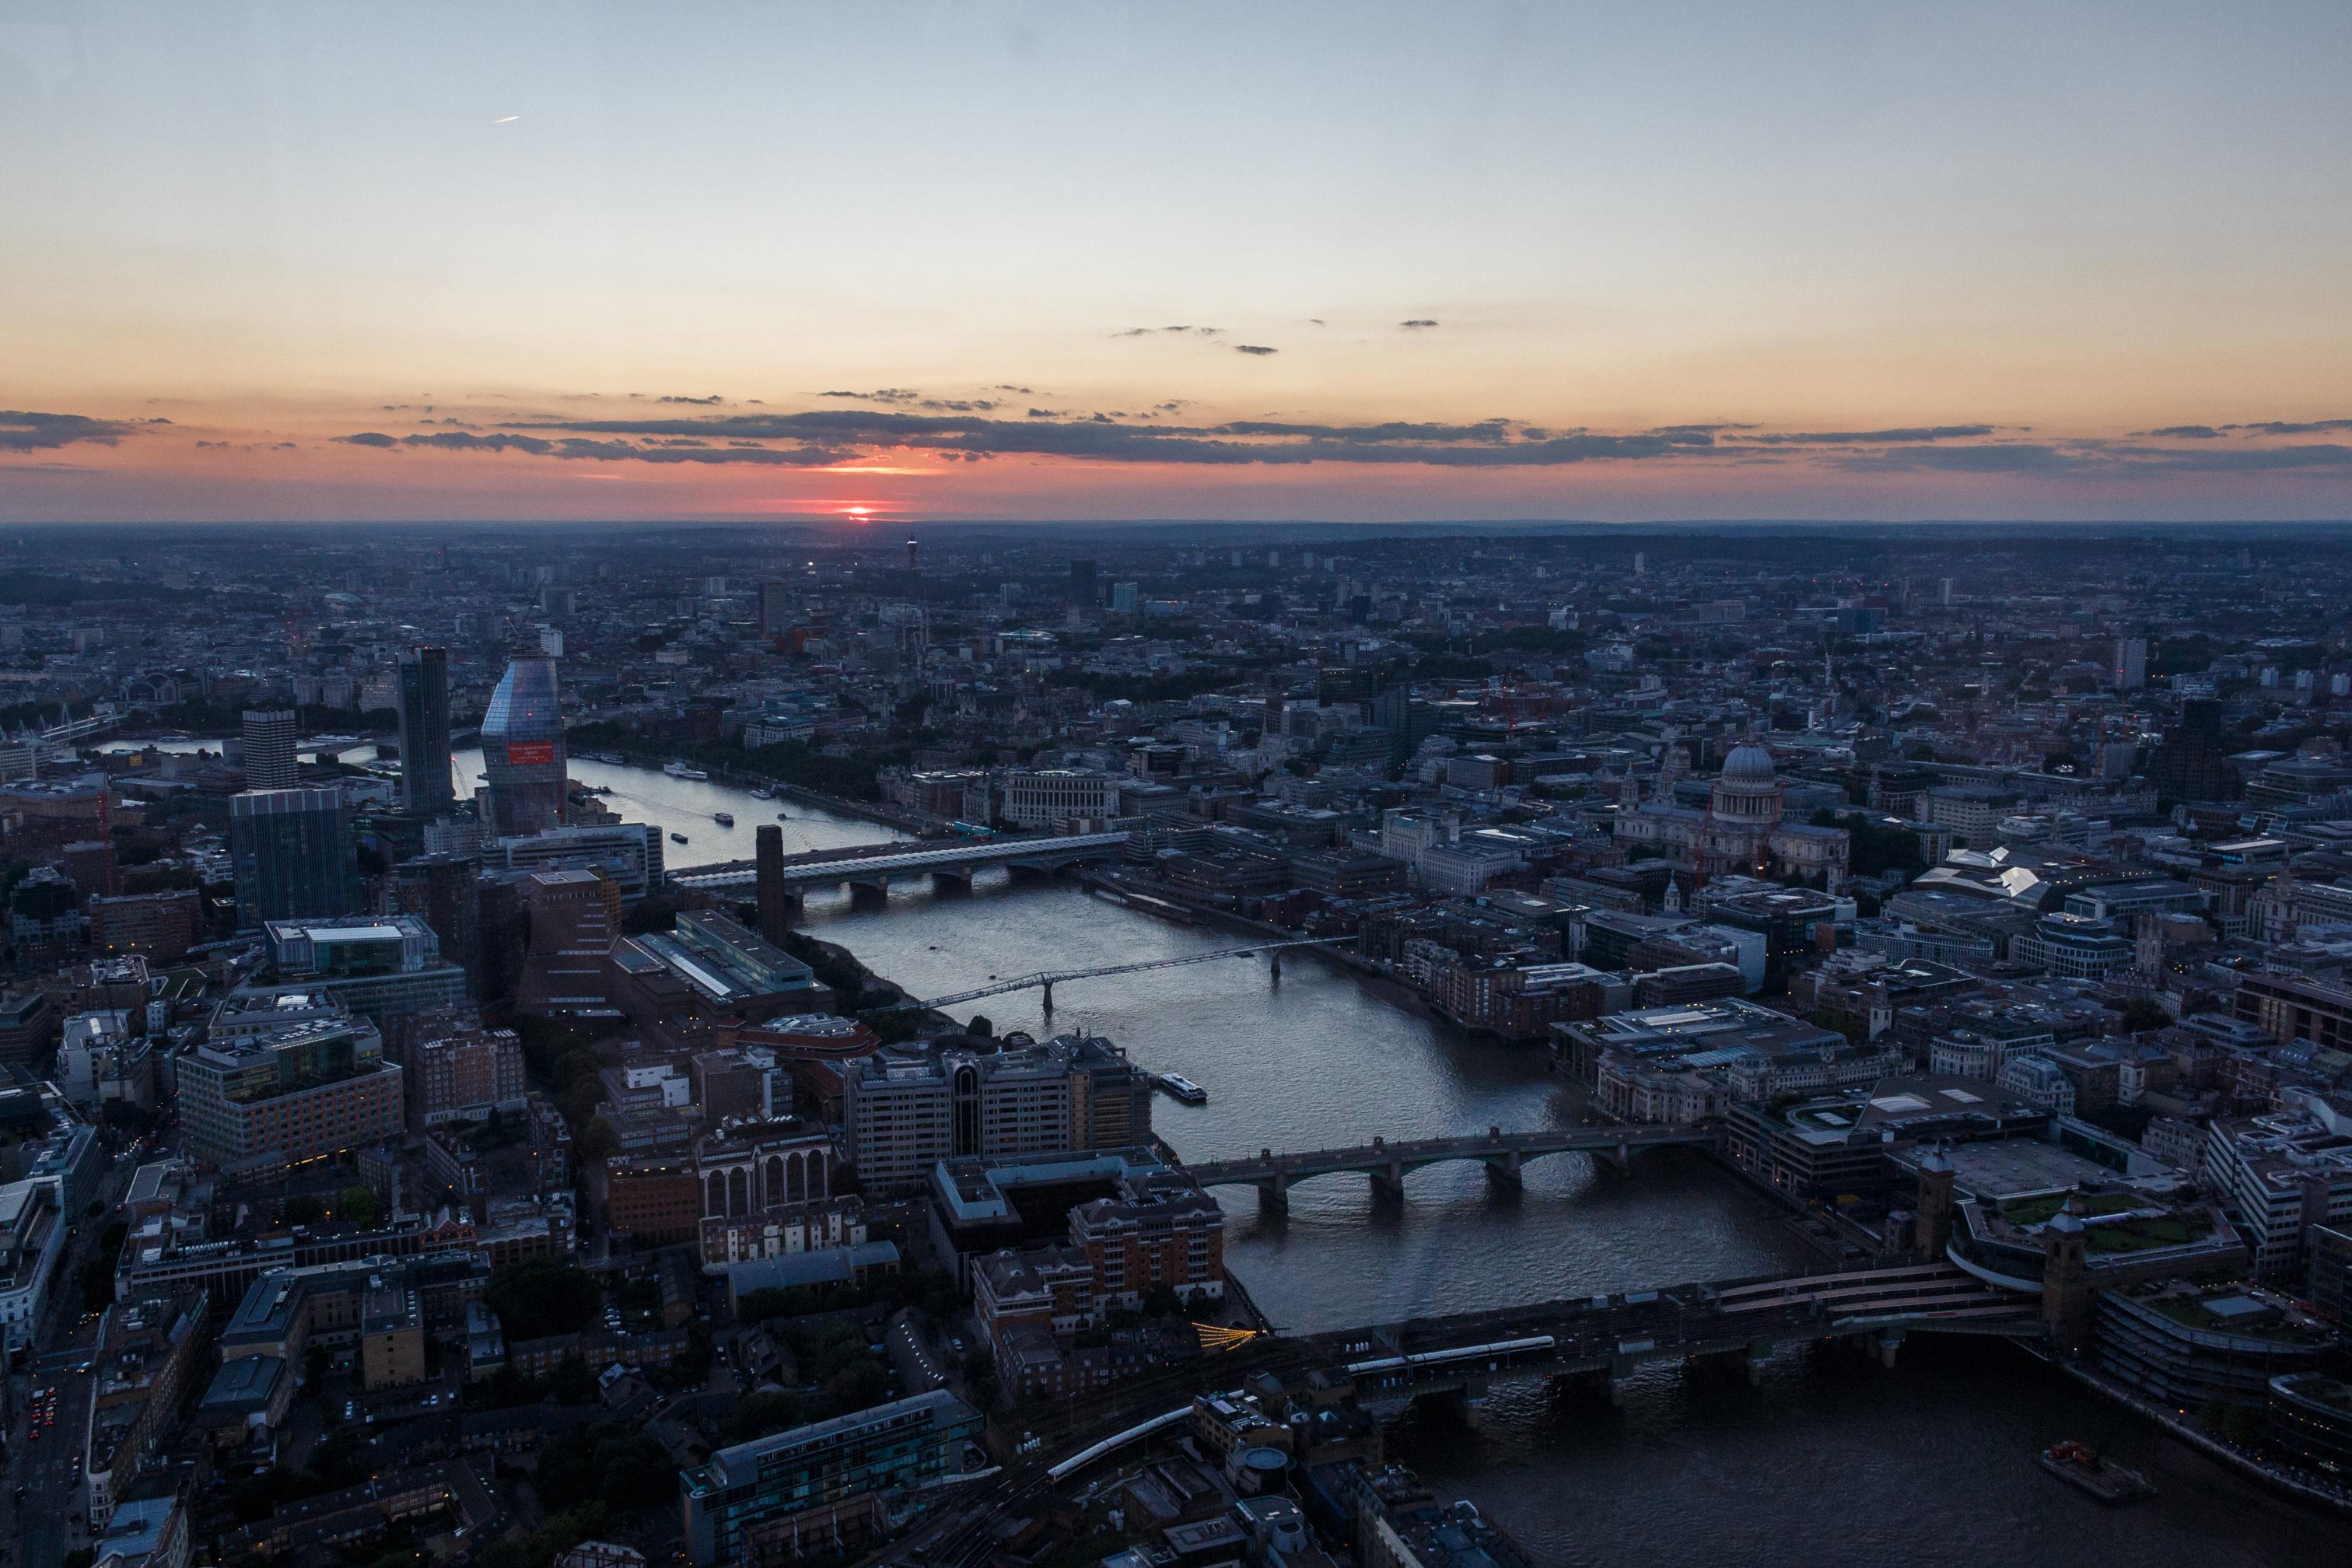 Der Sonnenuntergang über London